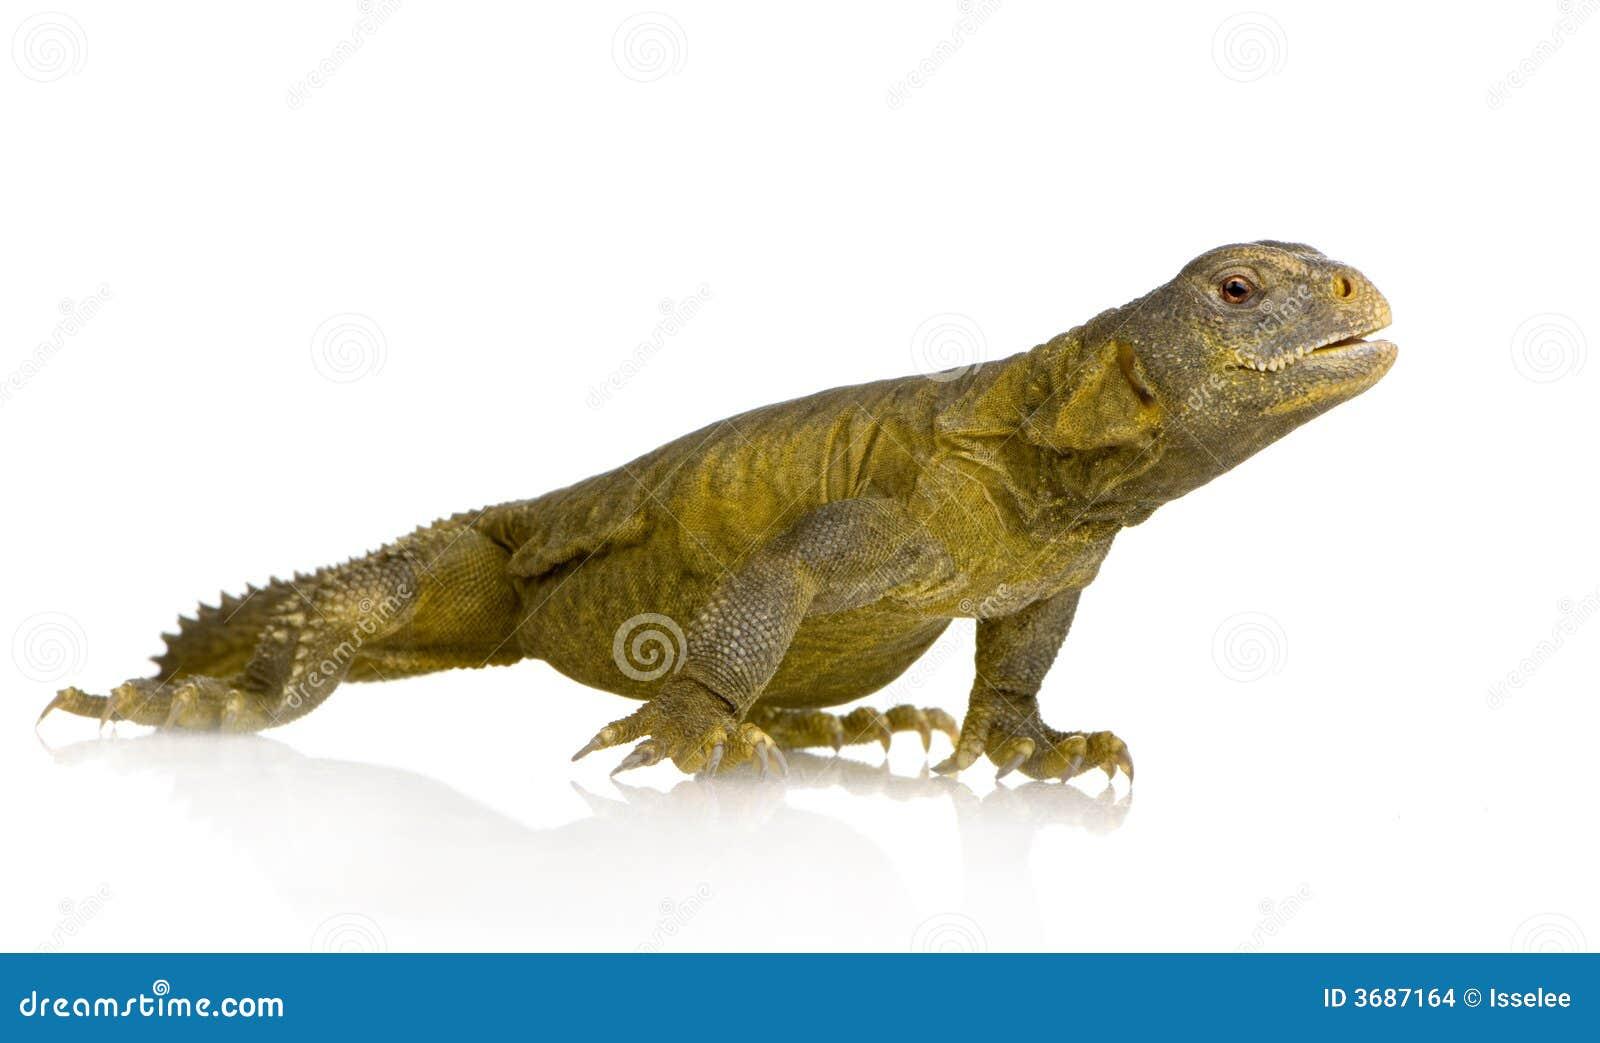 More similar stock images of ` Dabb Lizard - Uromastyx aegyptia `